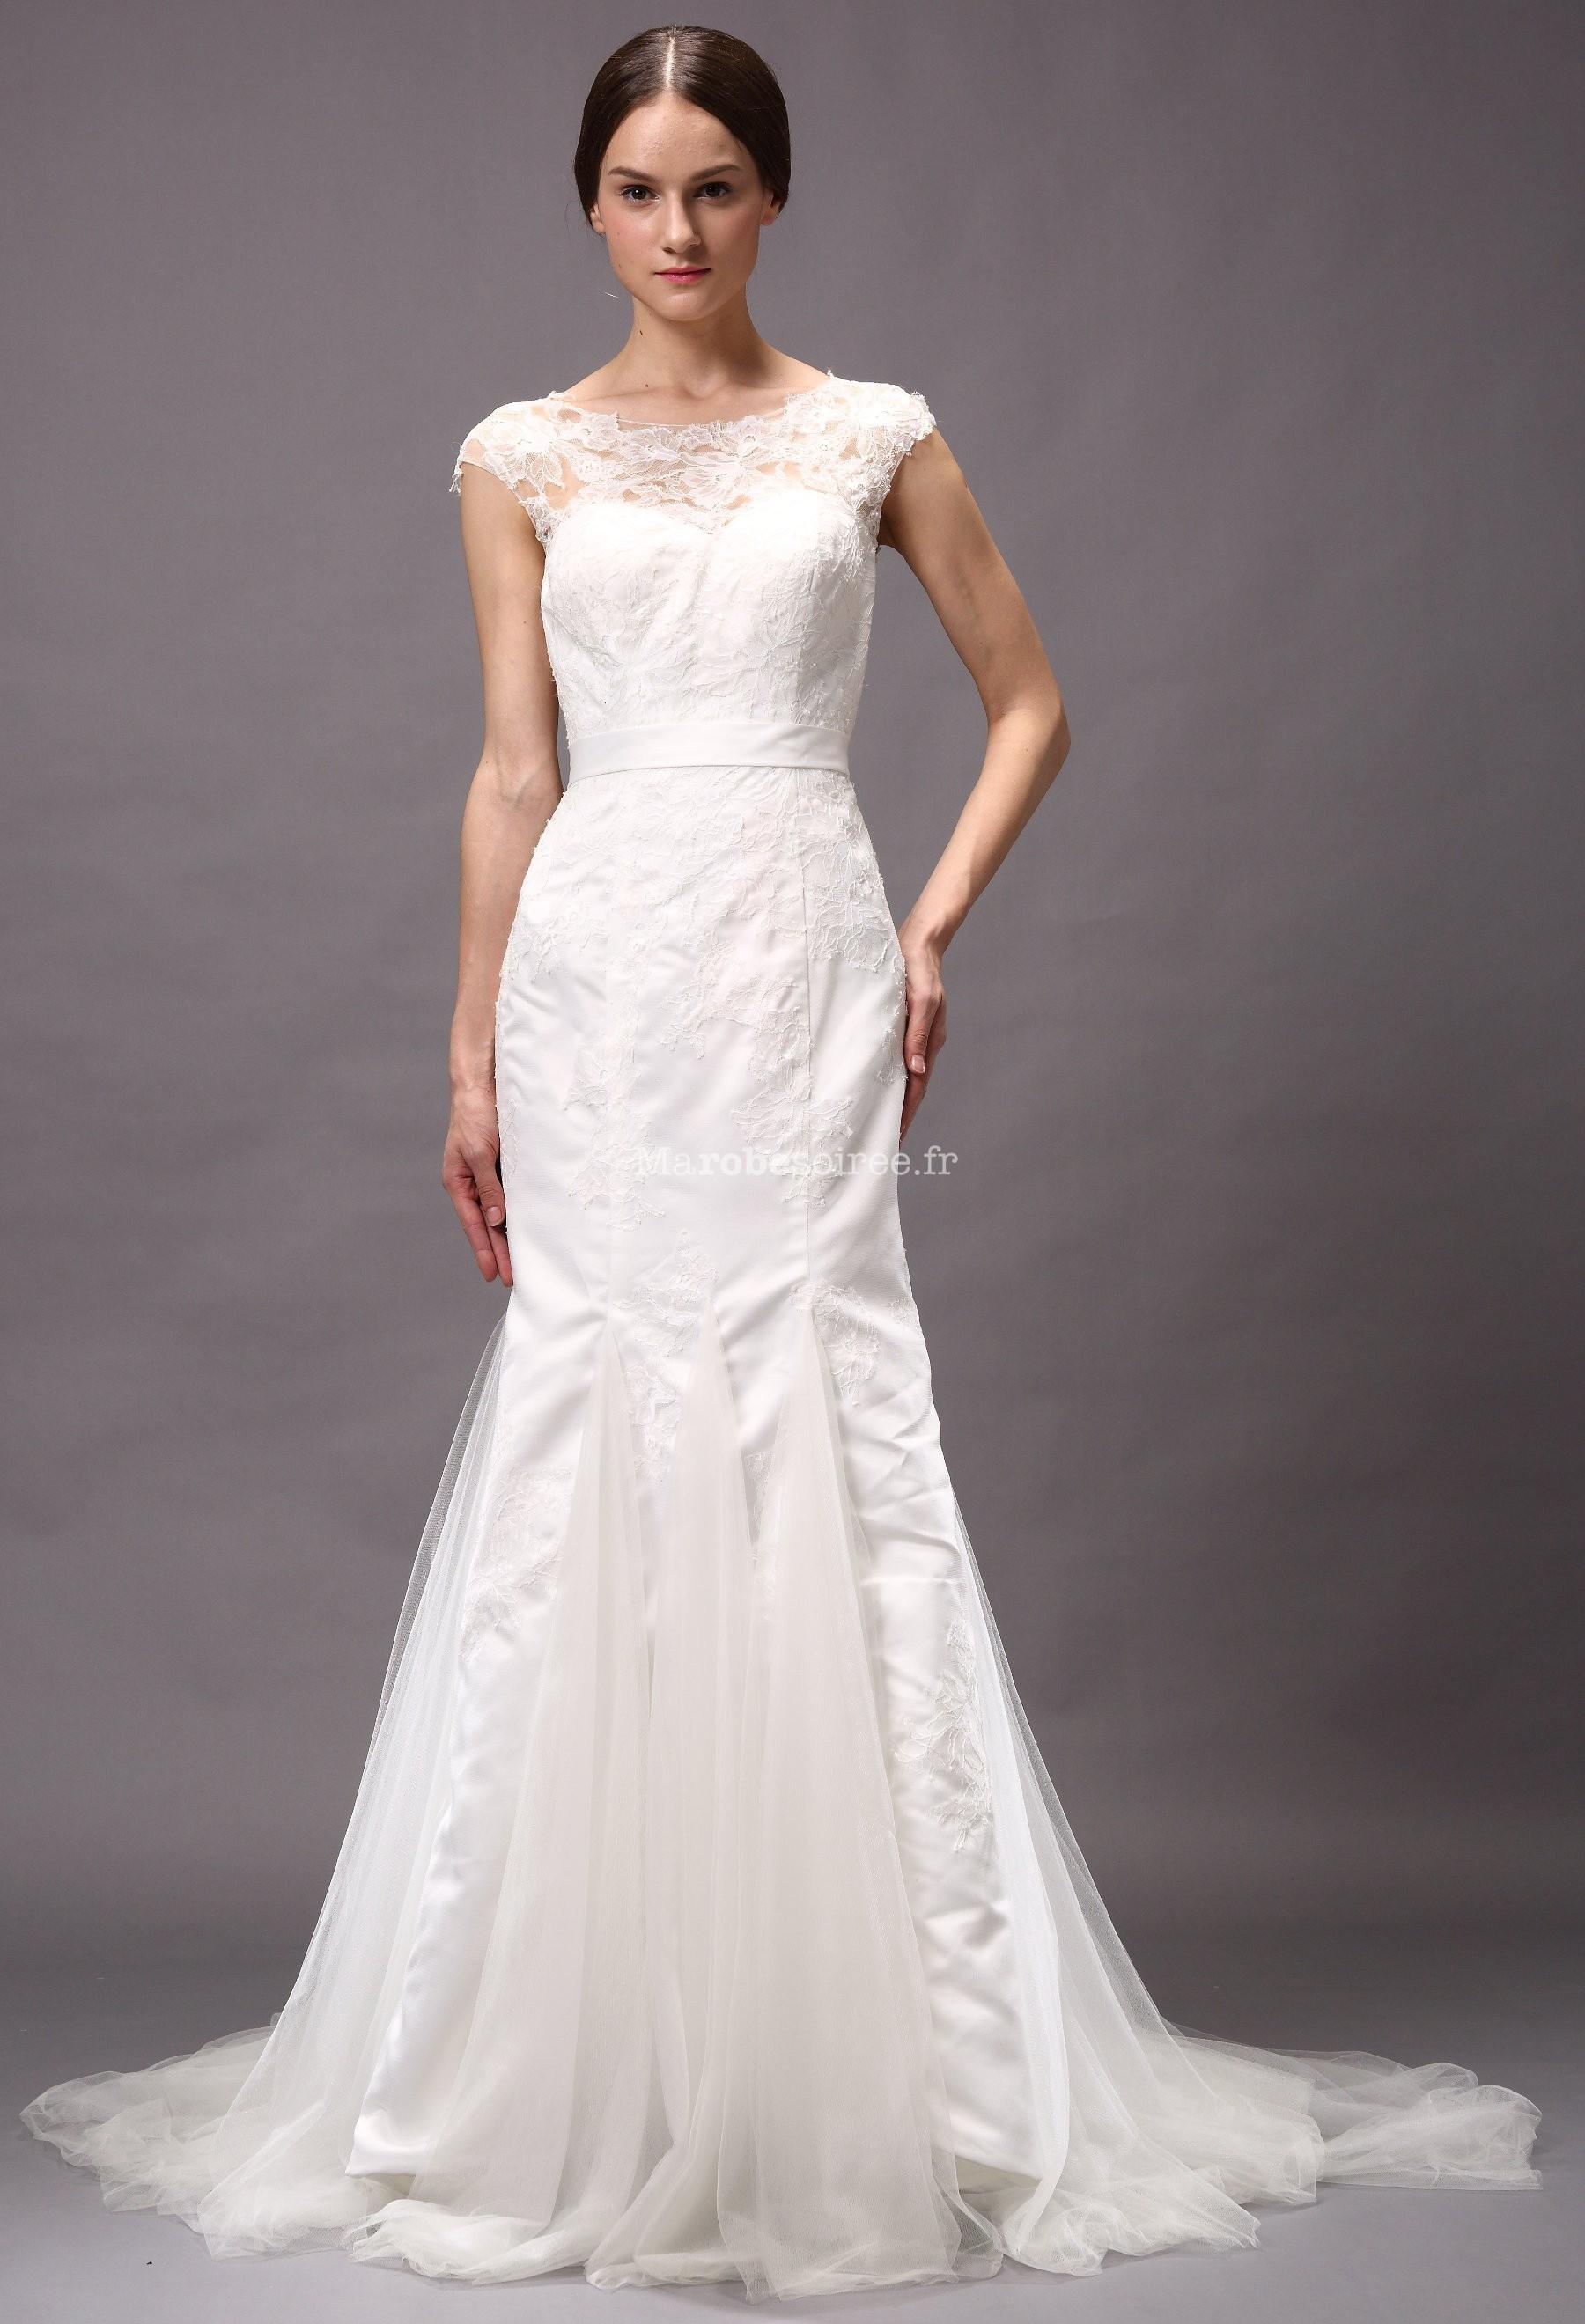 Accueil / Robe de mariée moderne avec col montant réf 15072 - sur ...